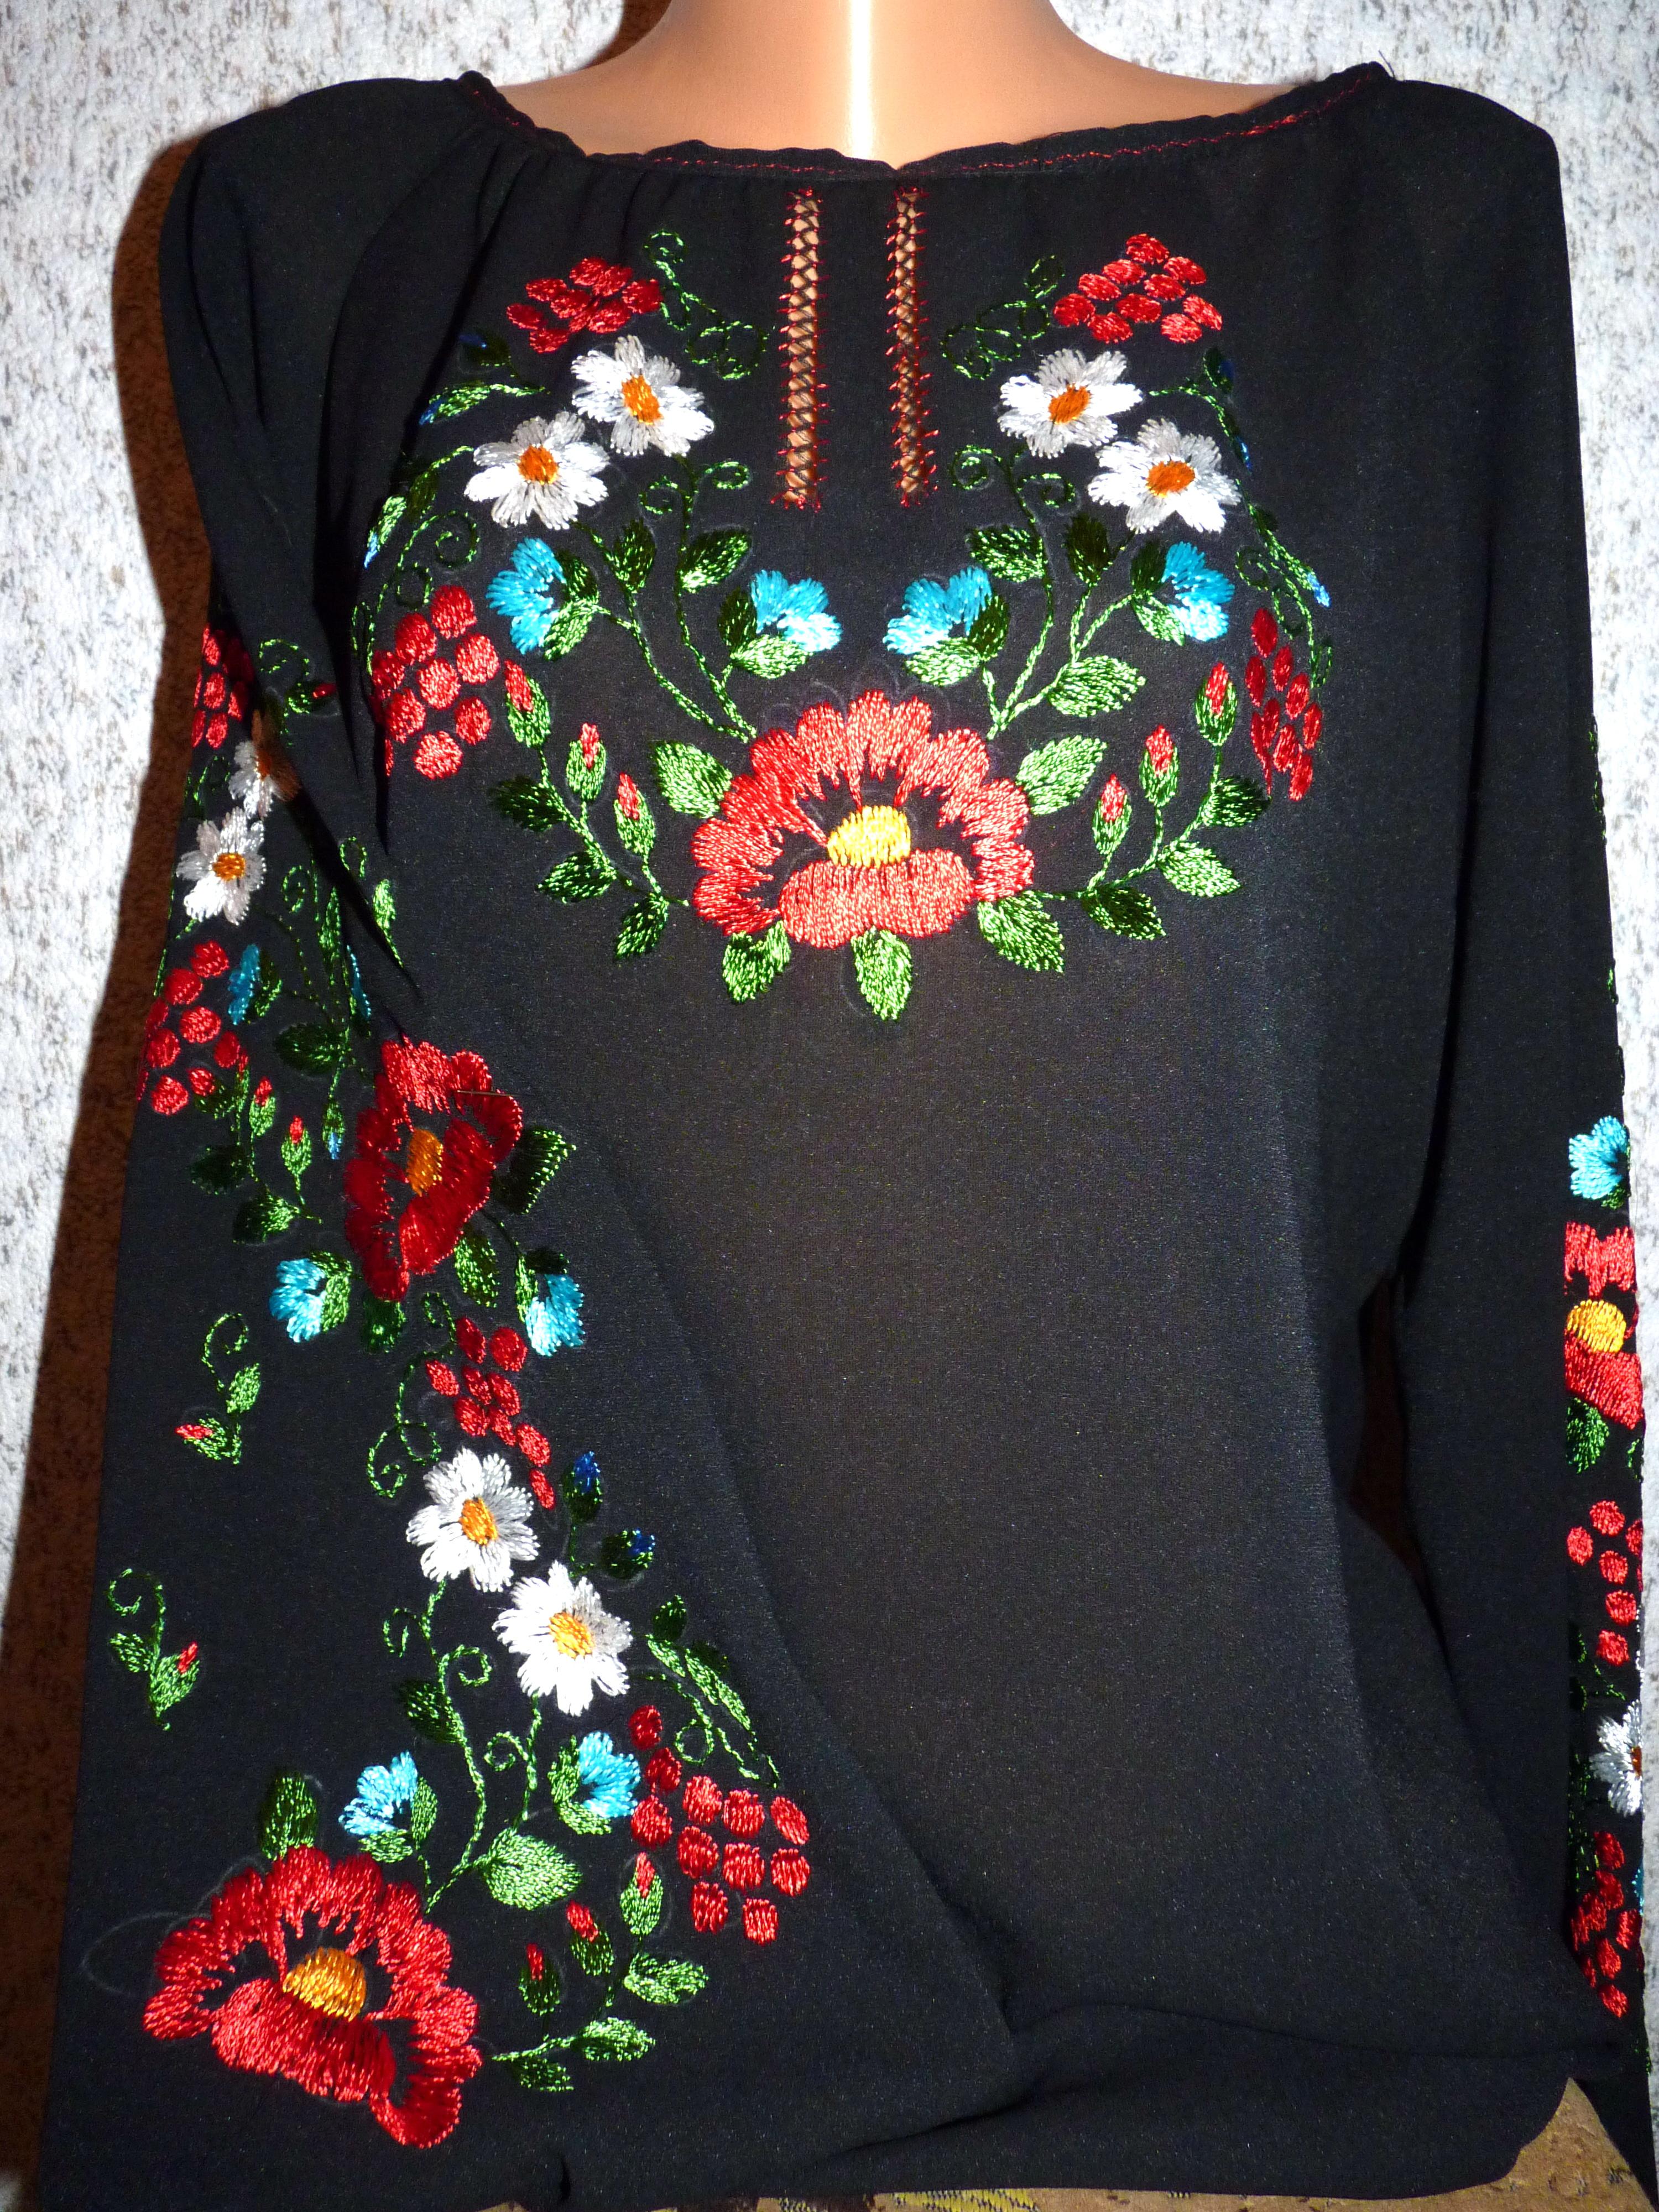 українська жіноча вишиванка чорна з квітами b99898cbd847b